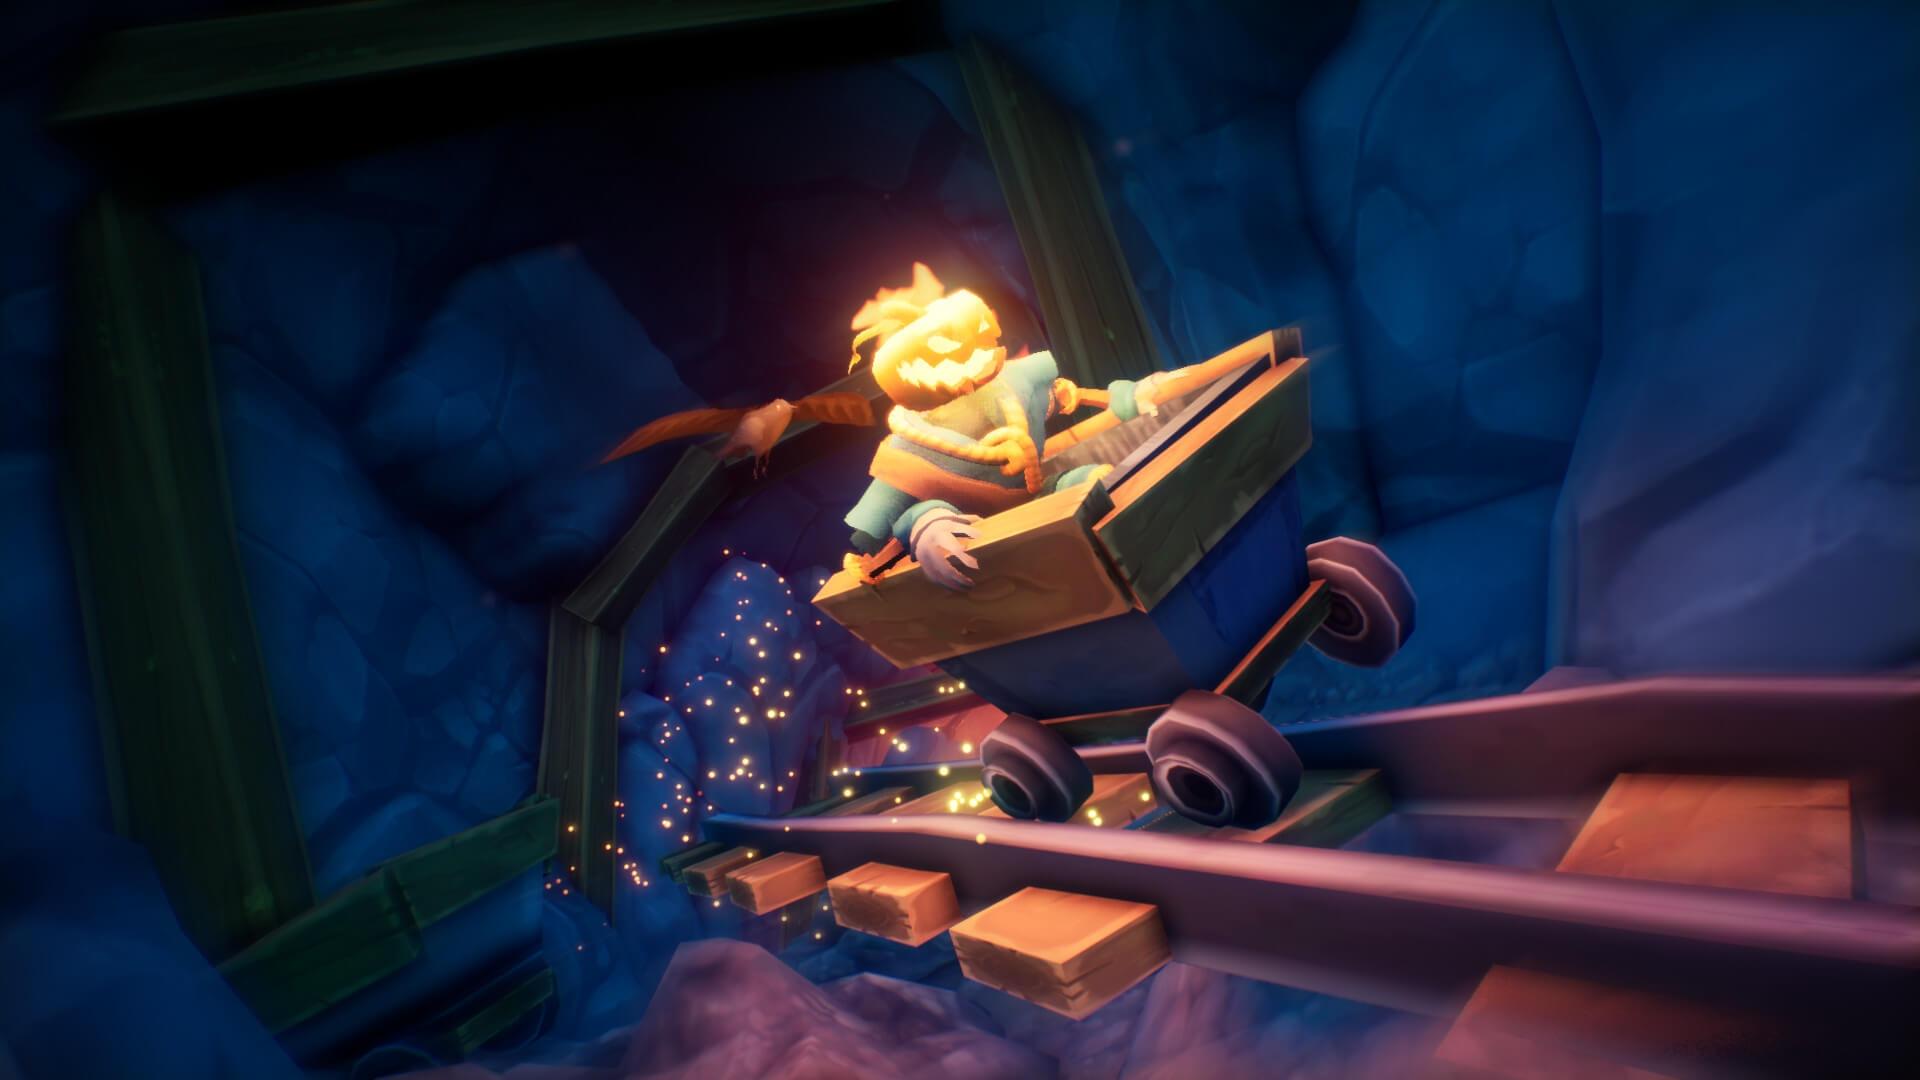 Pumpkin Jack – приключения темного Владыки Тыкв в духе Medievil action,pc,ps,pumpkin jack,xbox,Игровые новости,Игры